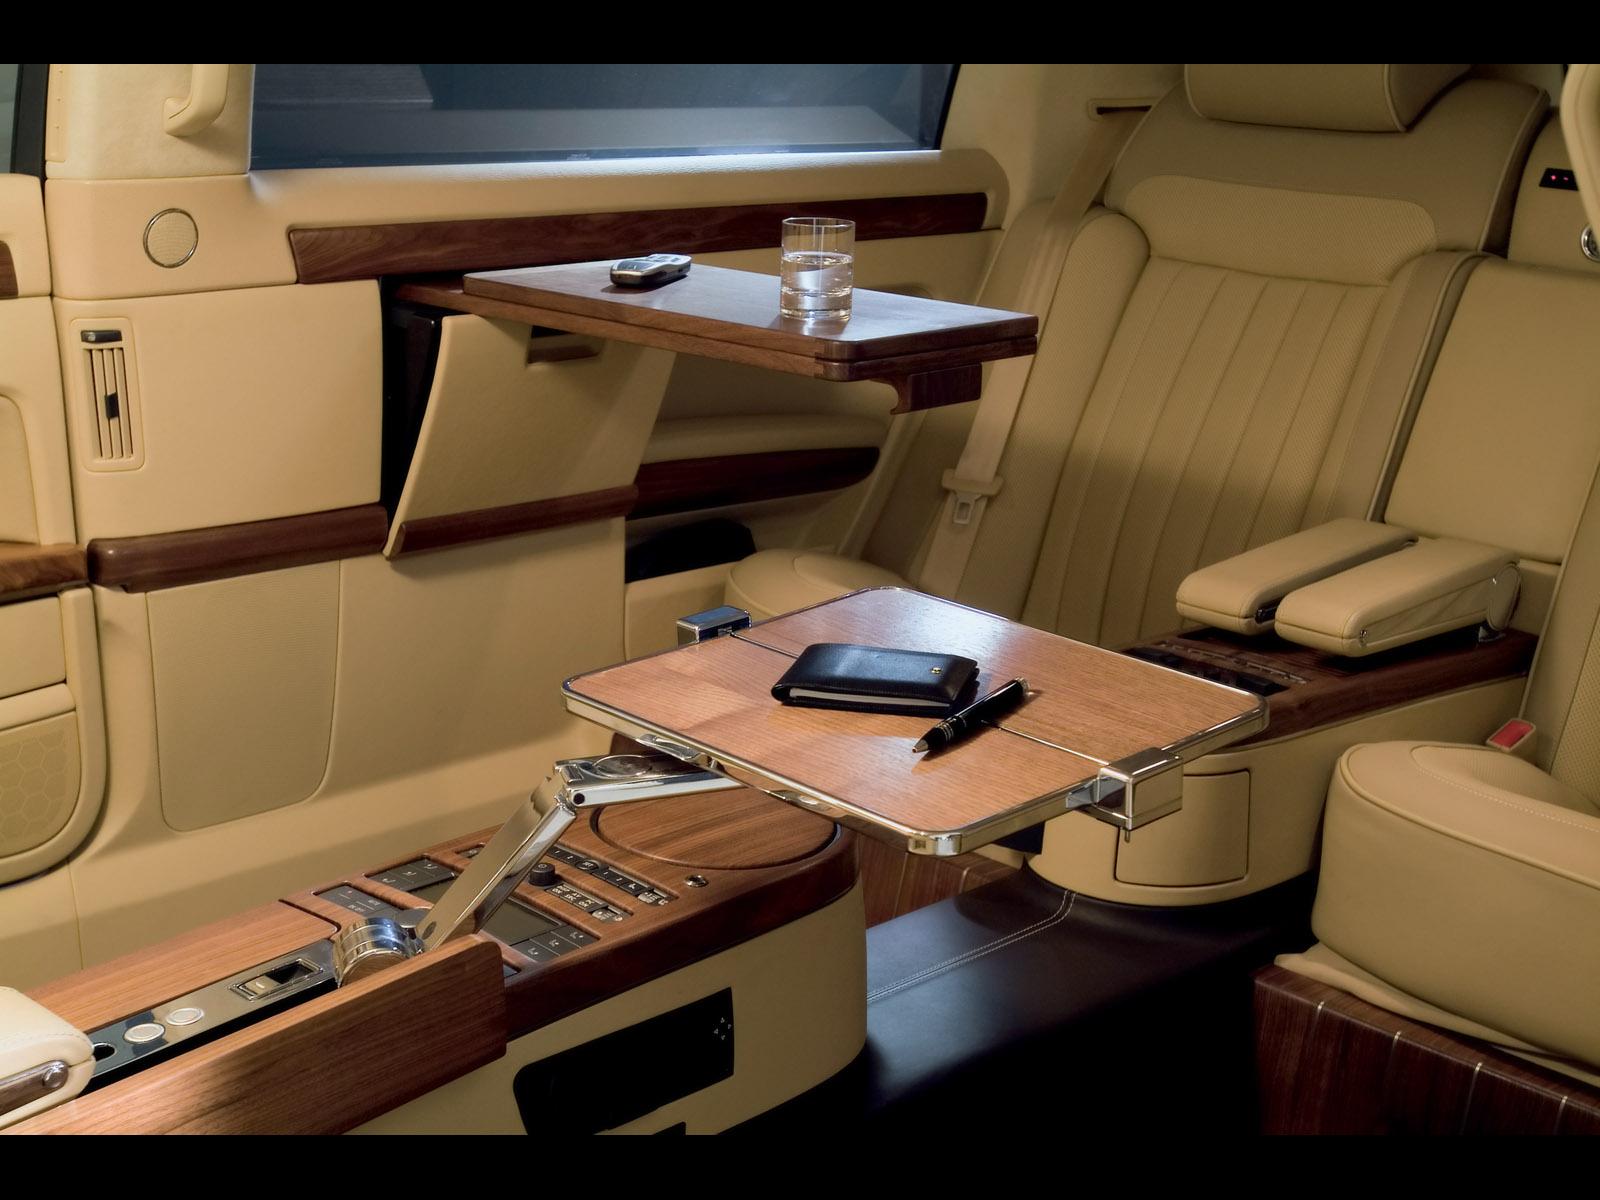 2005 Volkswagen Phaeton Lounge Study Image. https://www.conceptcarz.com/images/Volkswagen/vw ...